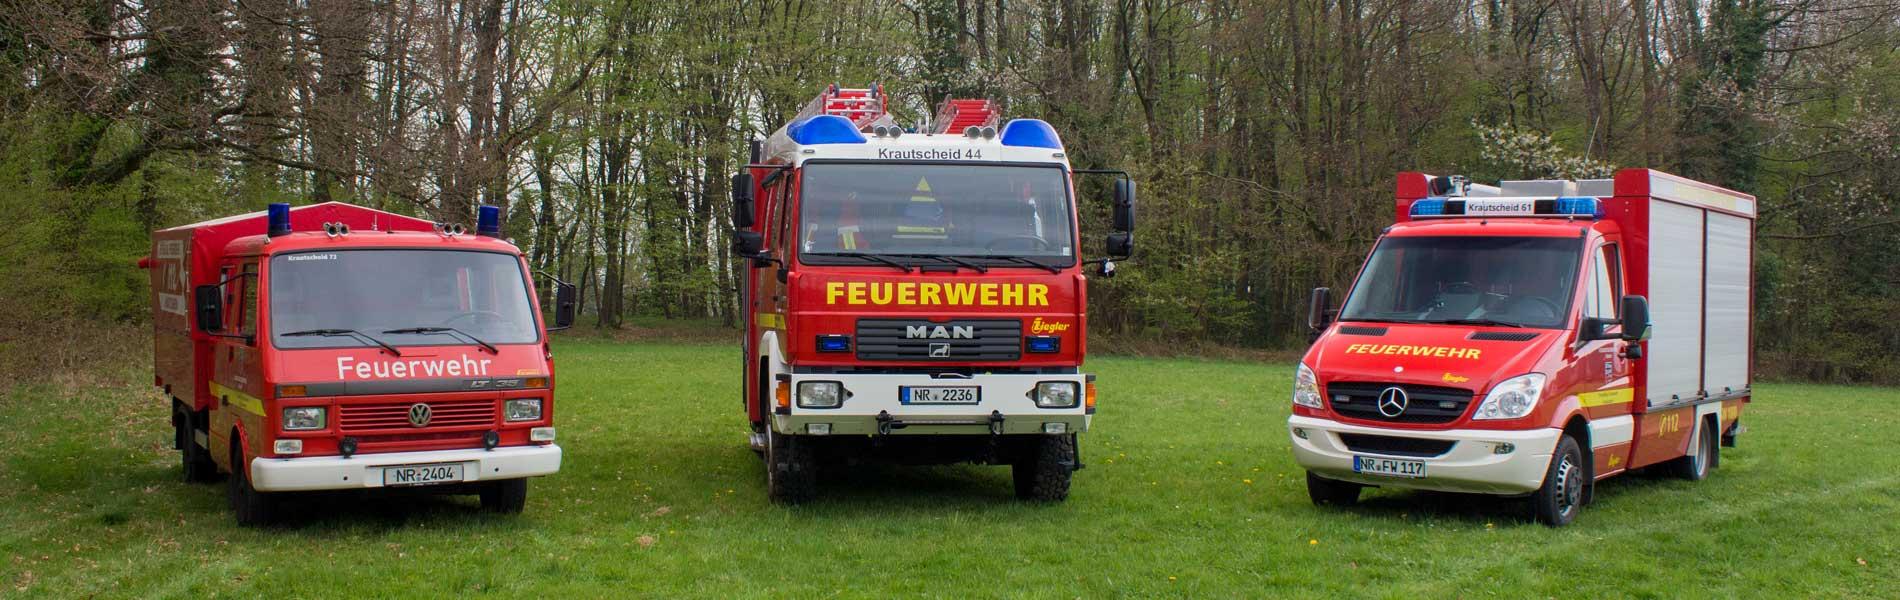 Feuerwehr-Krautscheid_Fahrzeuge_VG-Asbach